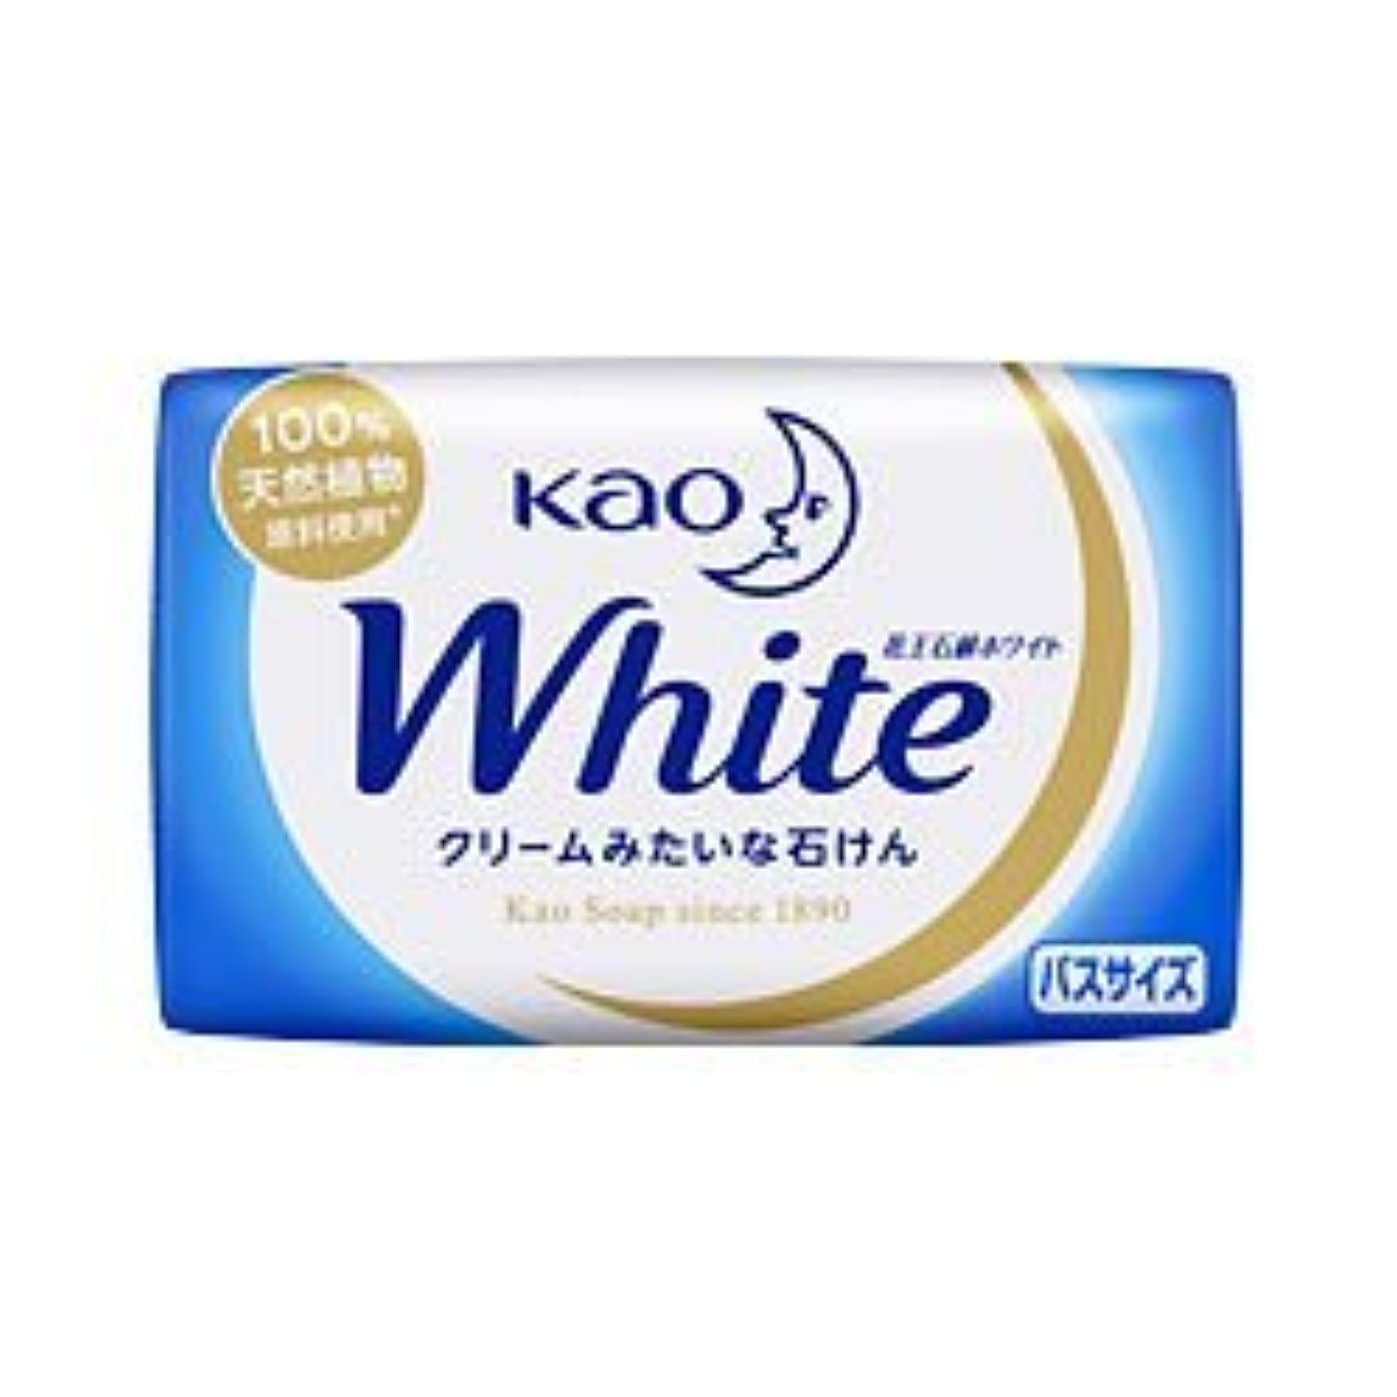 素敵な工夫するお母さん【花王】花王ホワイト バスサイズ 1個 130g ×20個セット